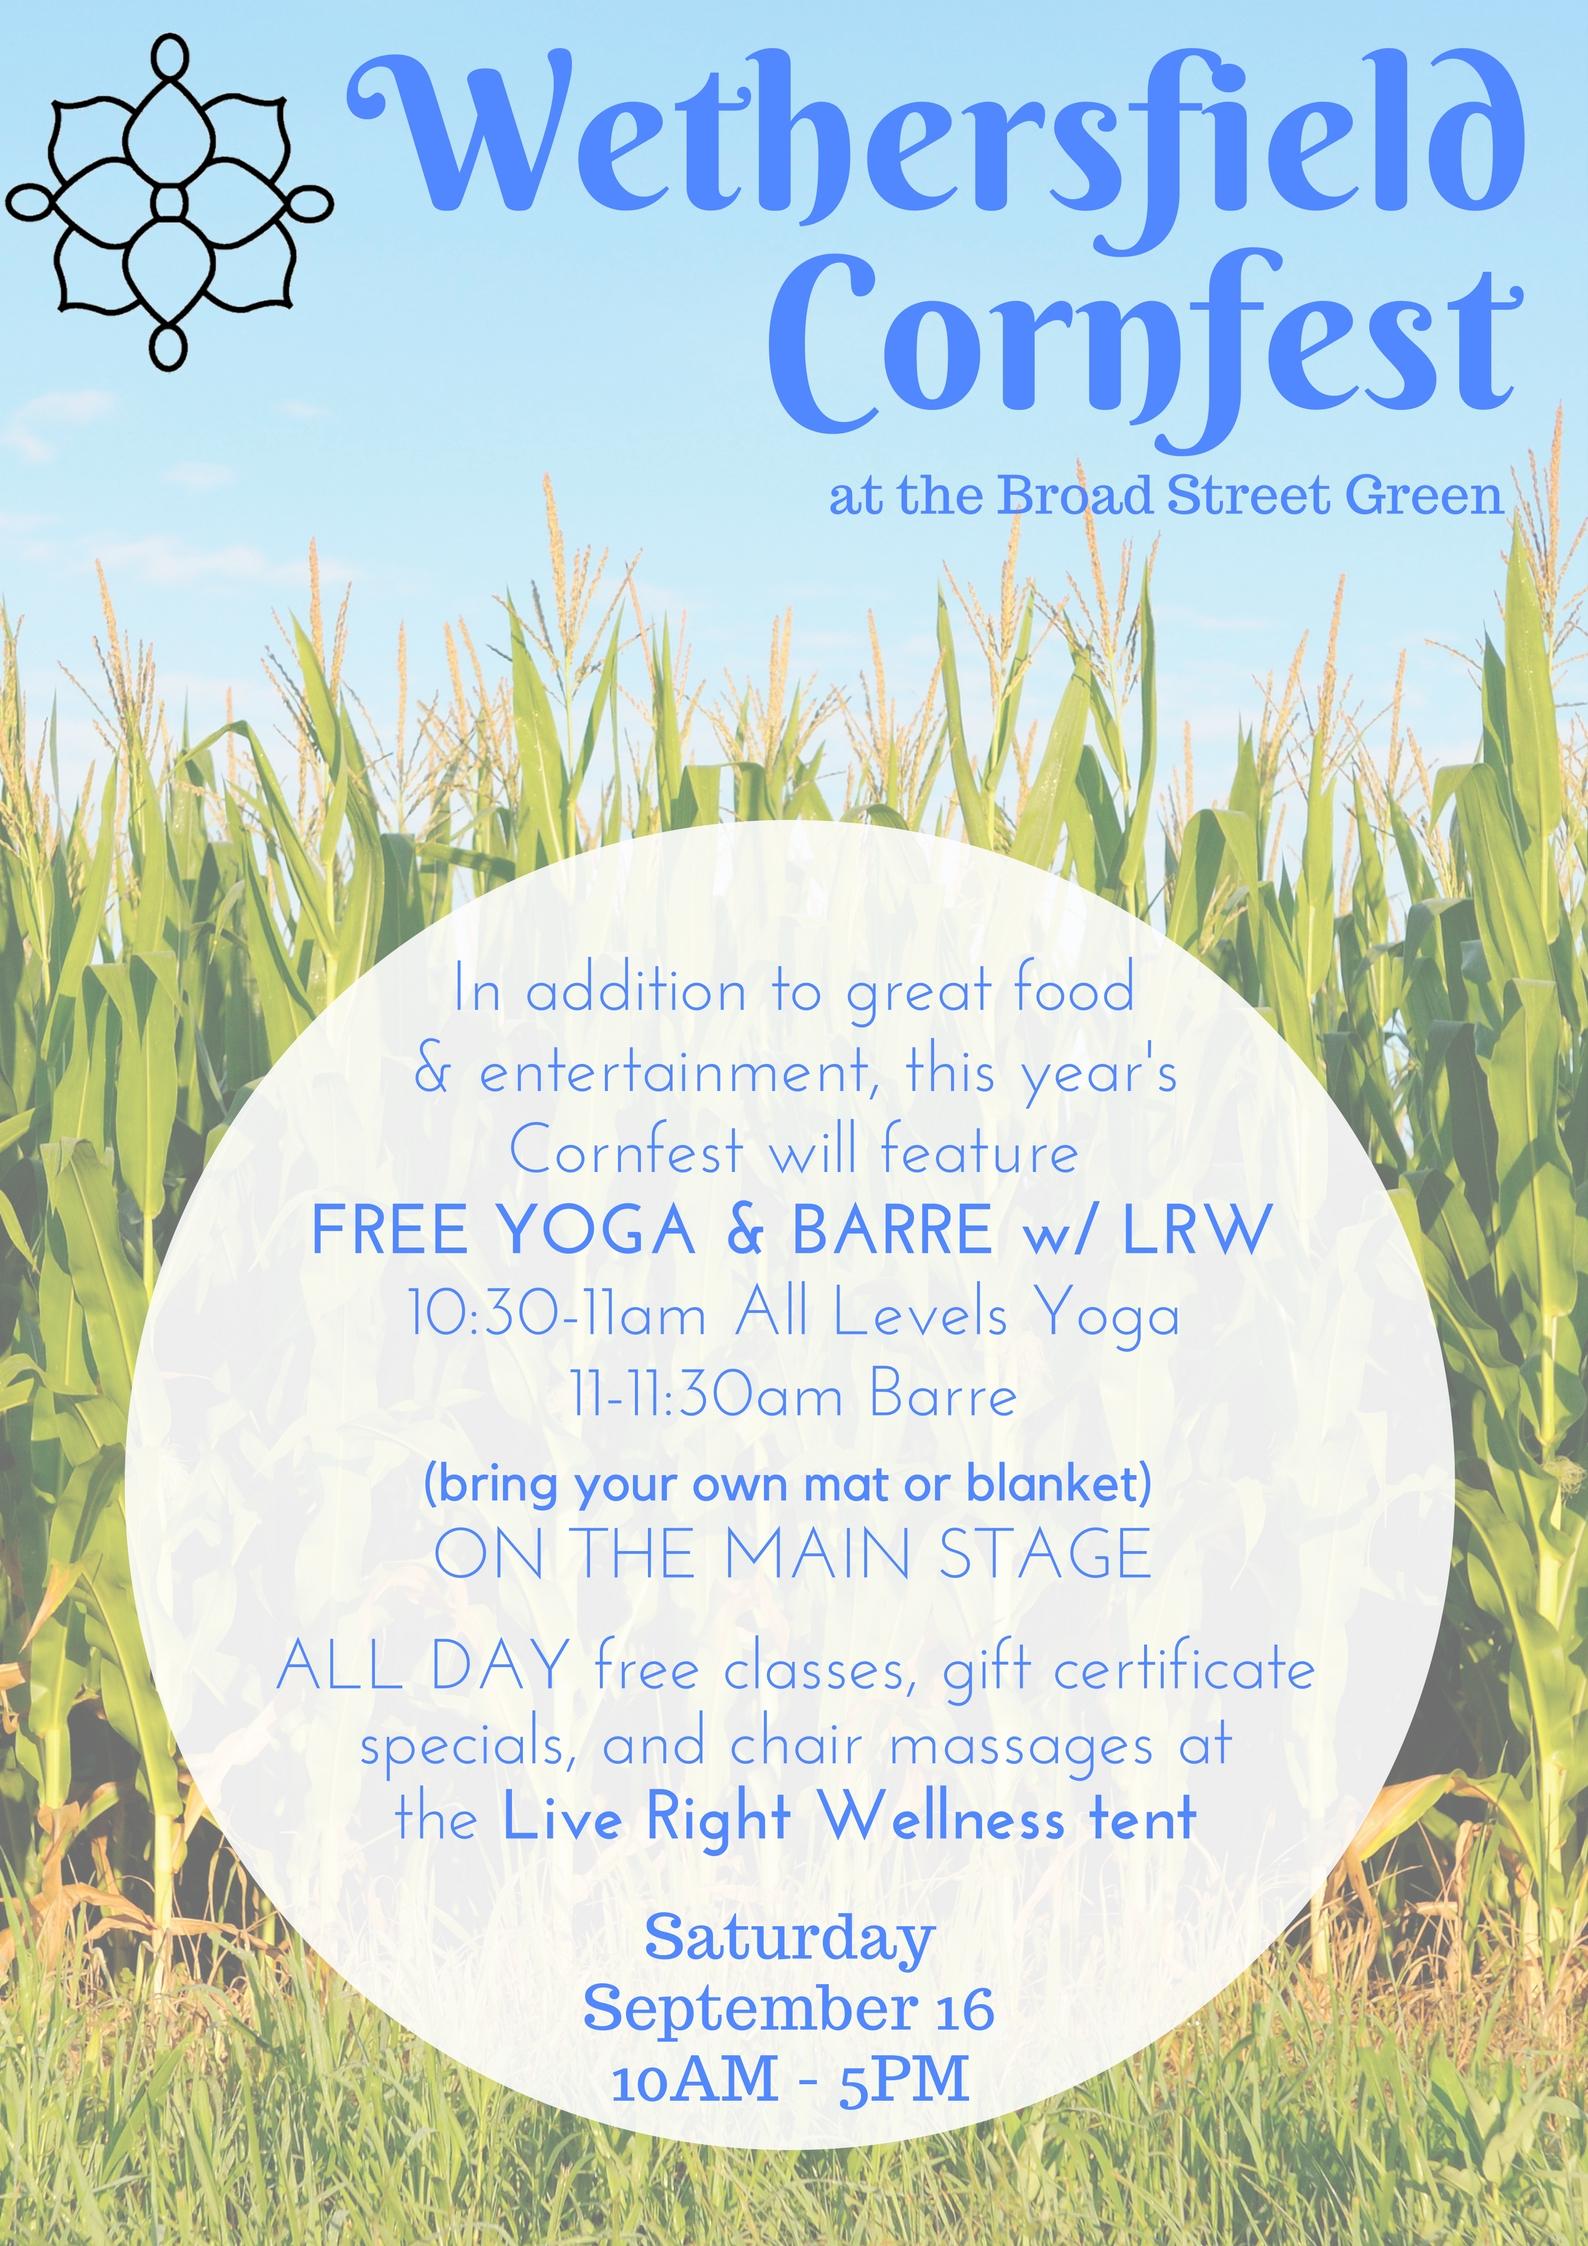 Copy of WethersfieldCornfest (1).jpg